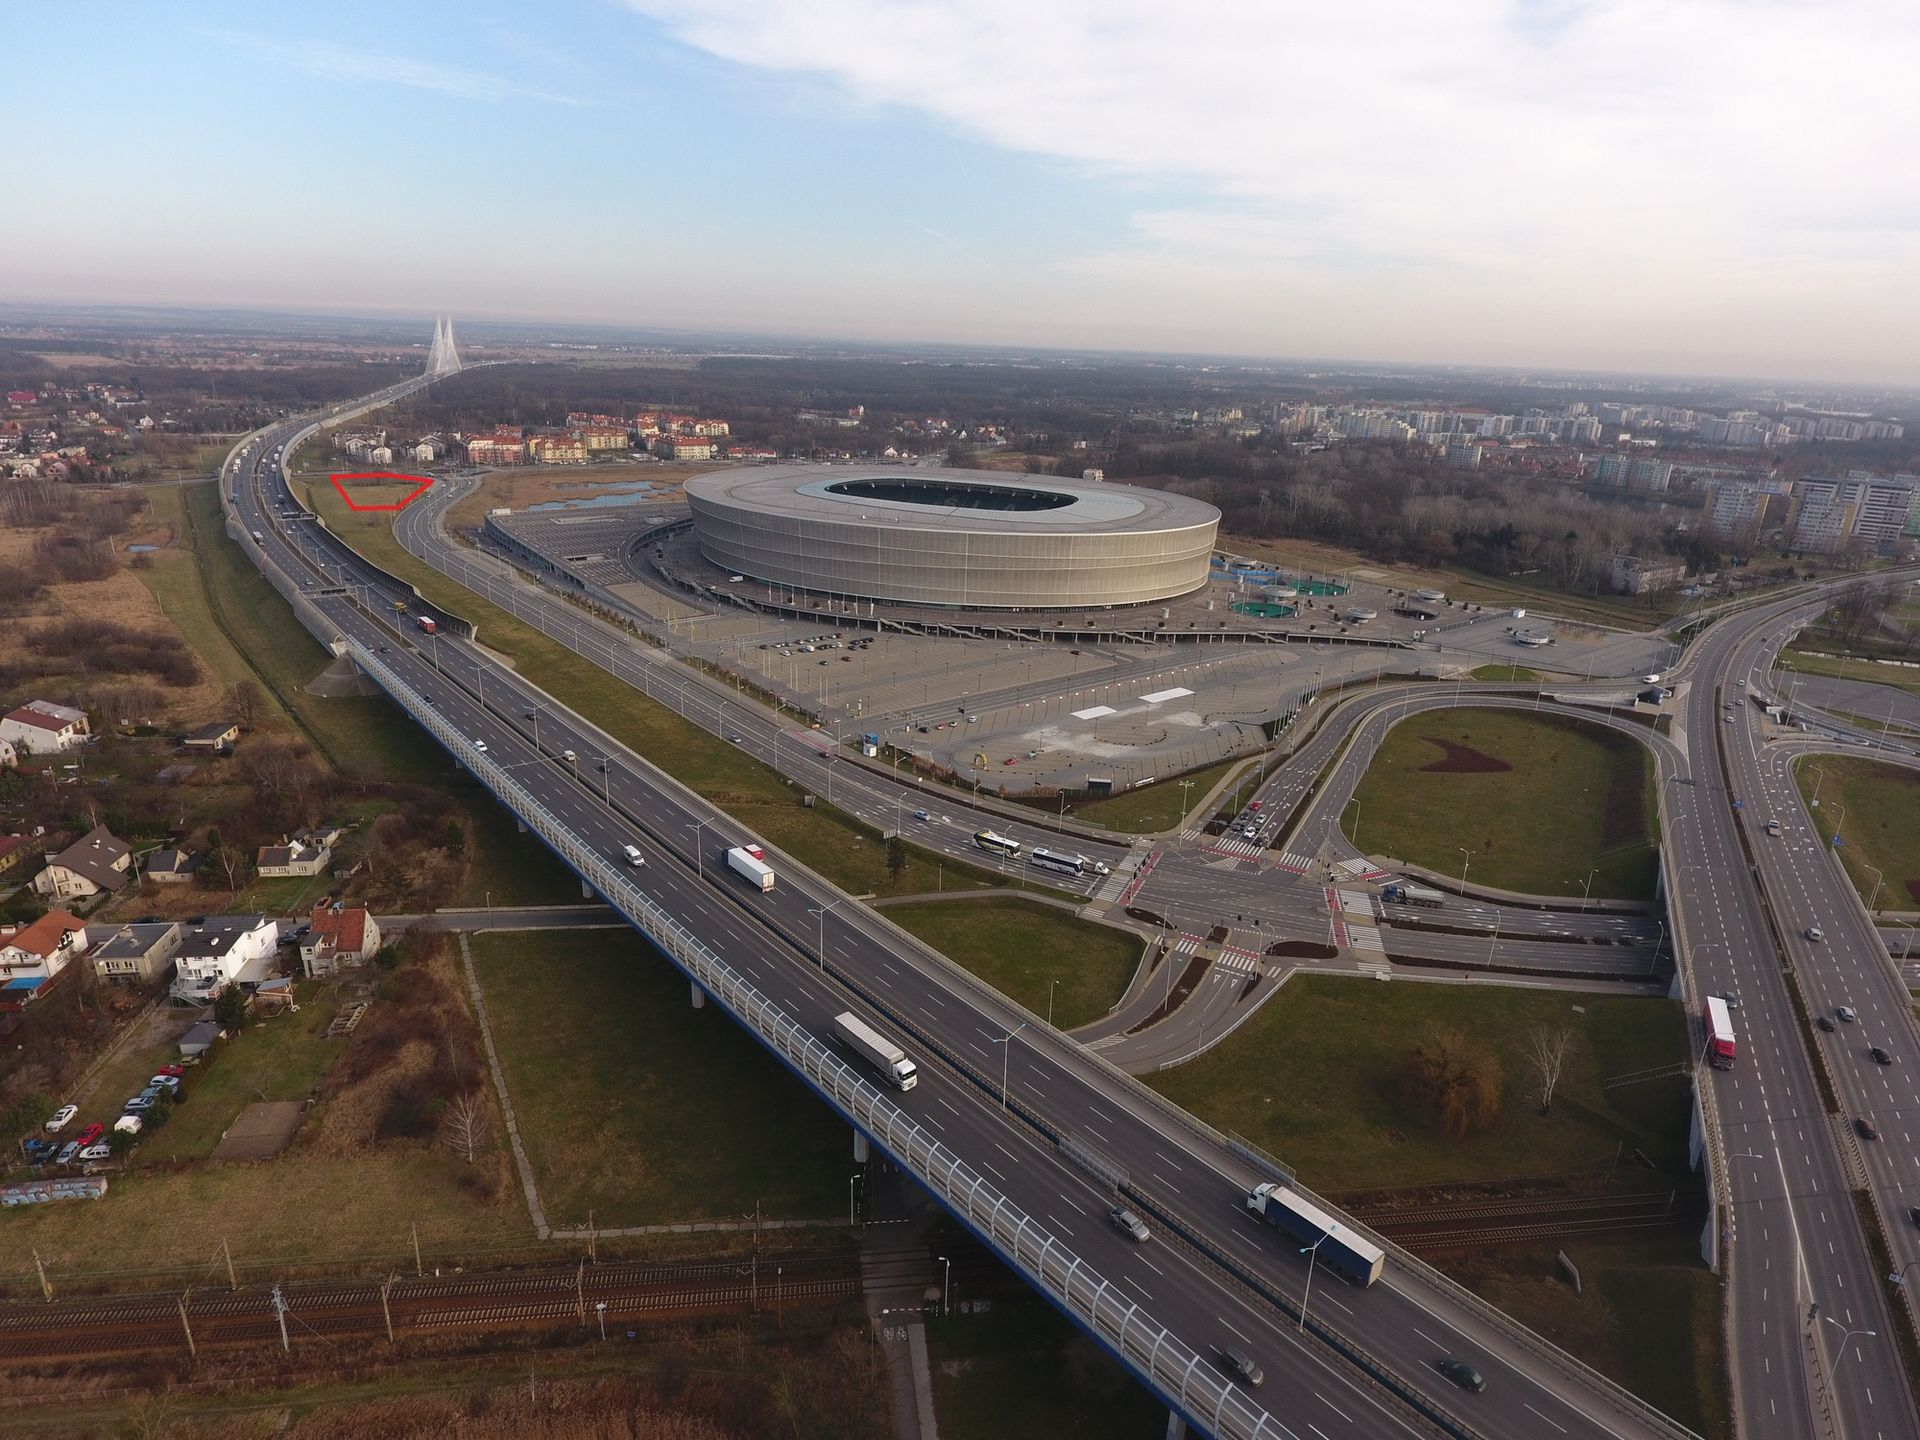 Kto kupi działkę obok Stadionu Miejskiego? Można na niej wybudować biurowiec, hotel lub obiekt handlowy